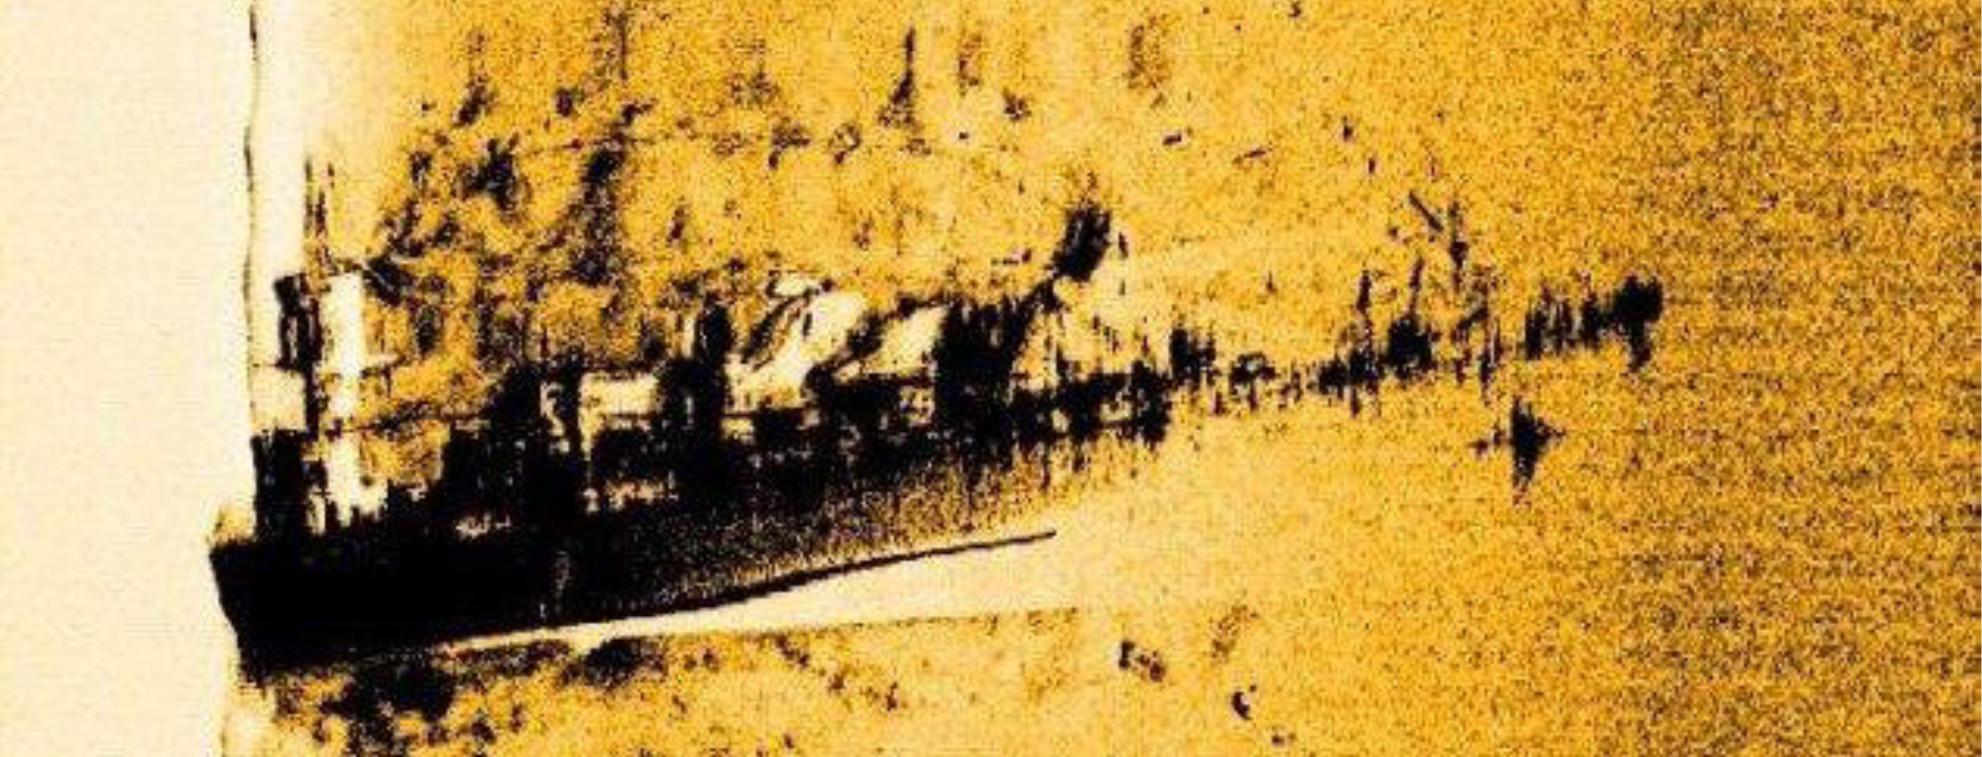 Kergeristleja HMS Cassandra vrakk lokaliseeriti Saaremaa lähedalt Eesti Mereväe poolt 2010. aasta augustis. Sama operatsiooni käigus lokaliseeriti ka HMS Gentian ja HMS Myrtle vrakk. Otsingute aluseks olid tollase Briti admirali […]